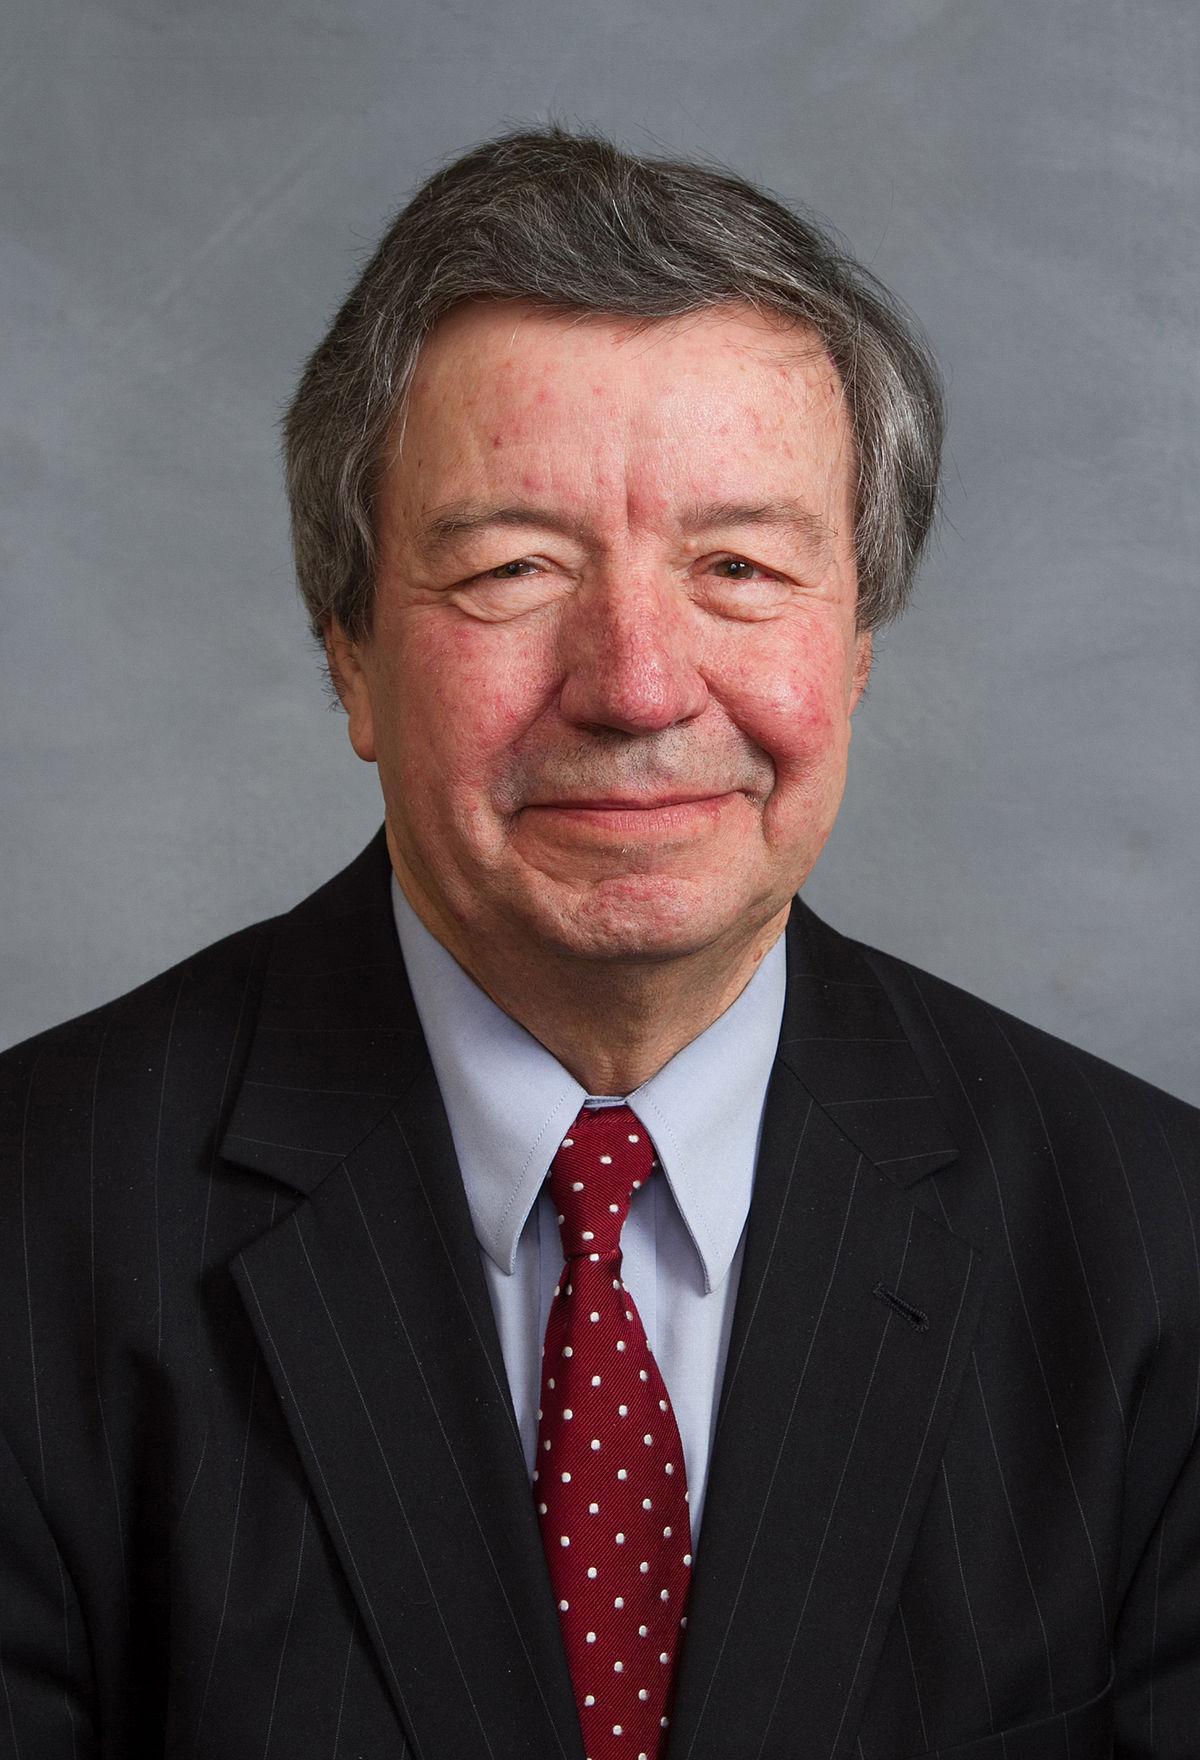 Paul Luebke